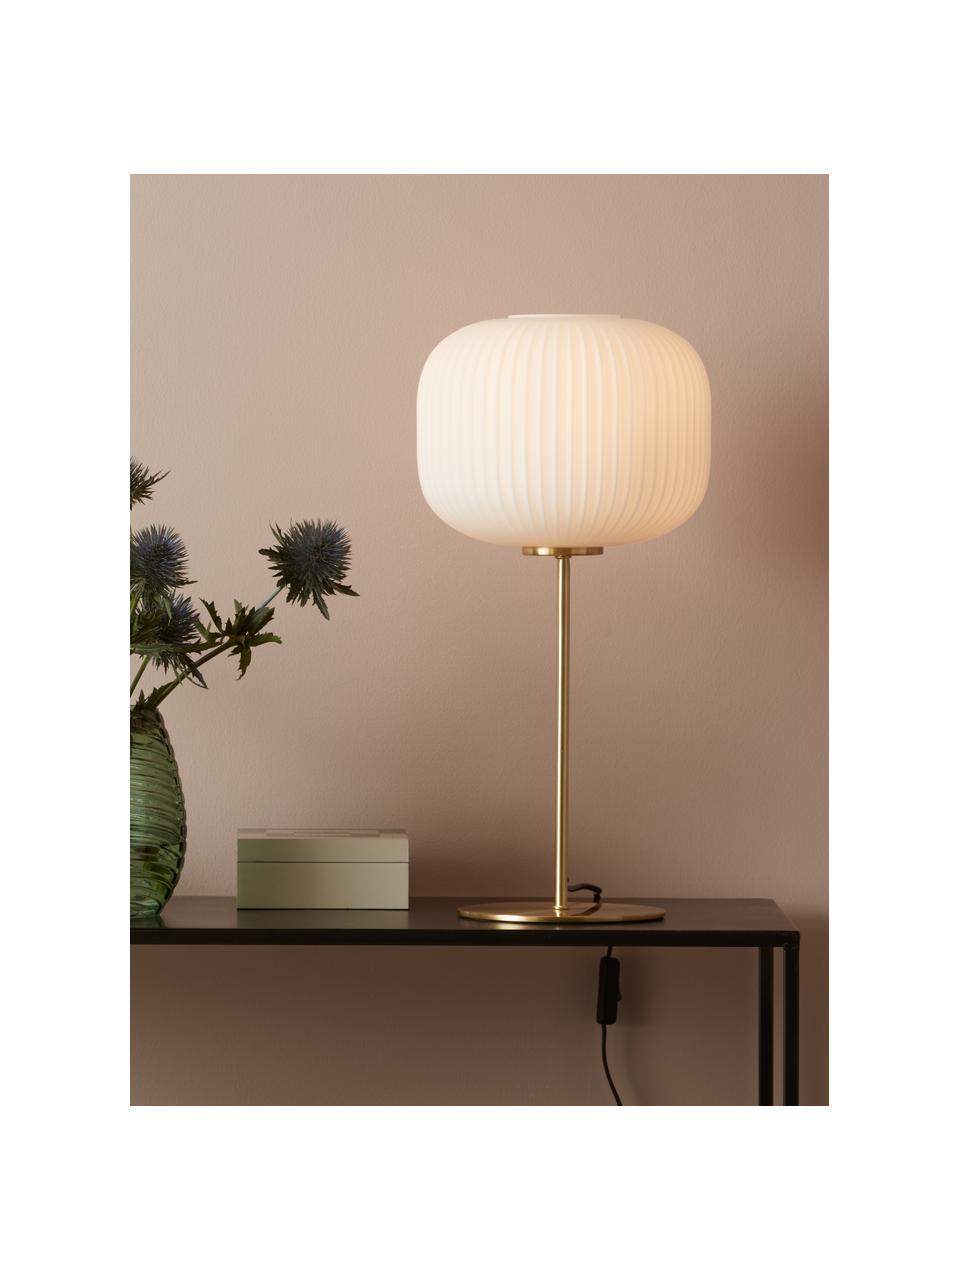 Große Tischlampe Sober mit Glasschirm, Lampenschirm: Glas, Lampenfuß: Metall, gebürstet, Weiß, Gold, Ø 25 x H 50 cm